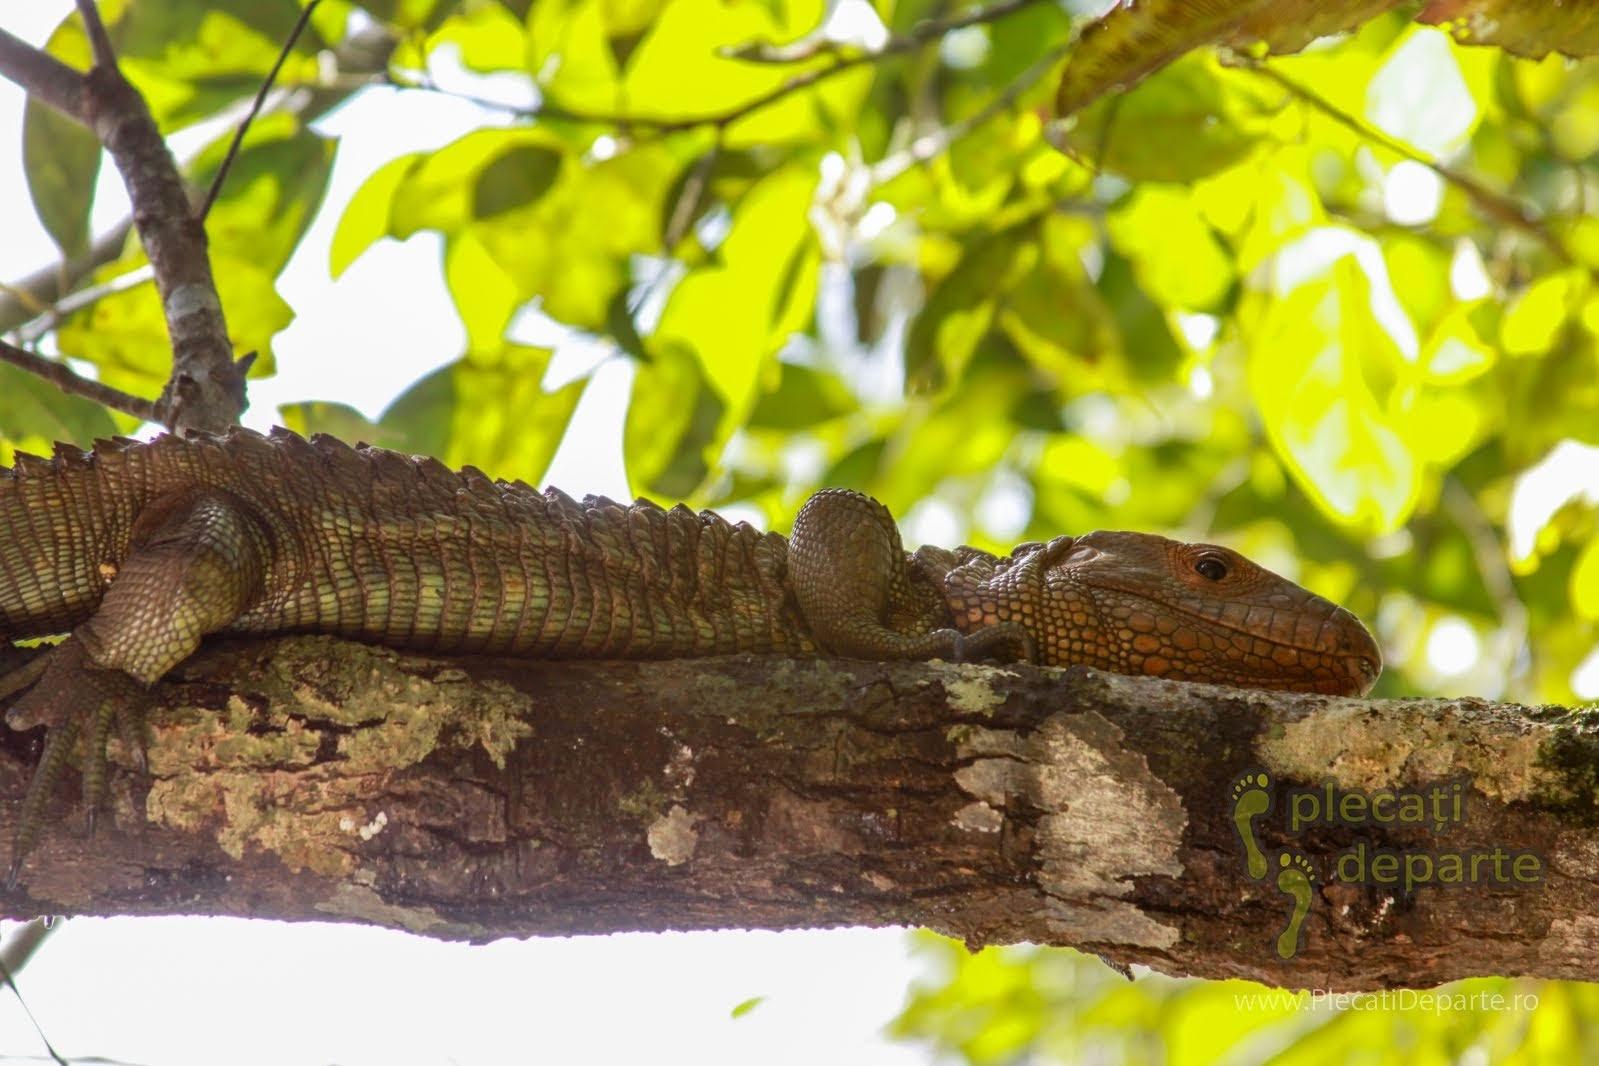 Soparla-caiman pe creanga unui copac, in jungla amazoniana, in Rezervatia Nationala Pacaya-Samiria, Peru